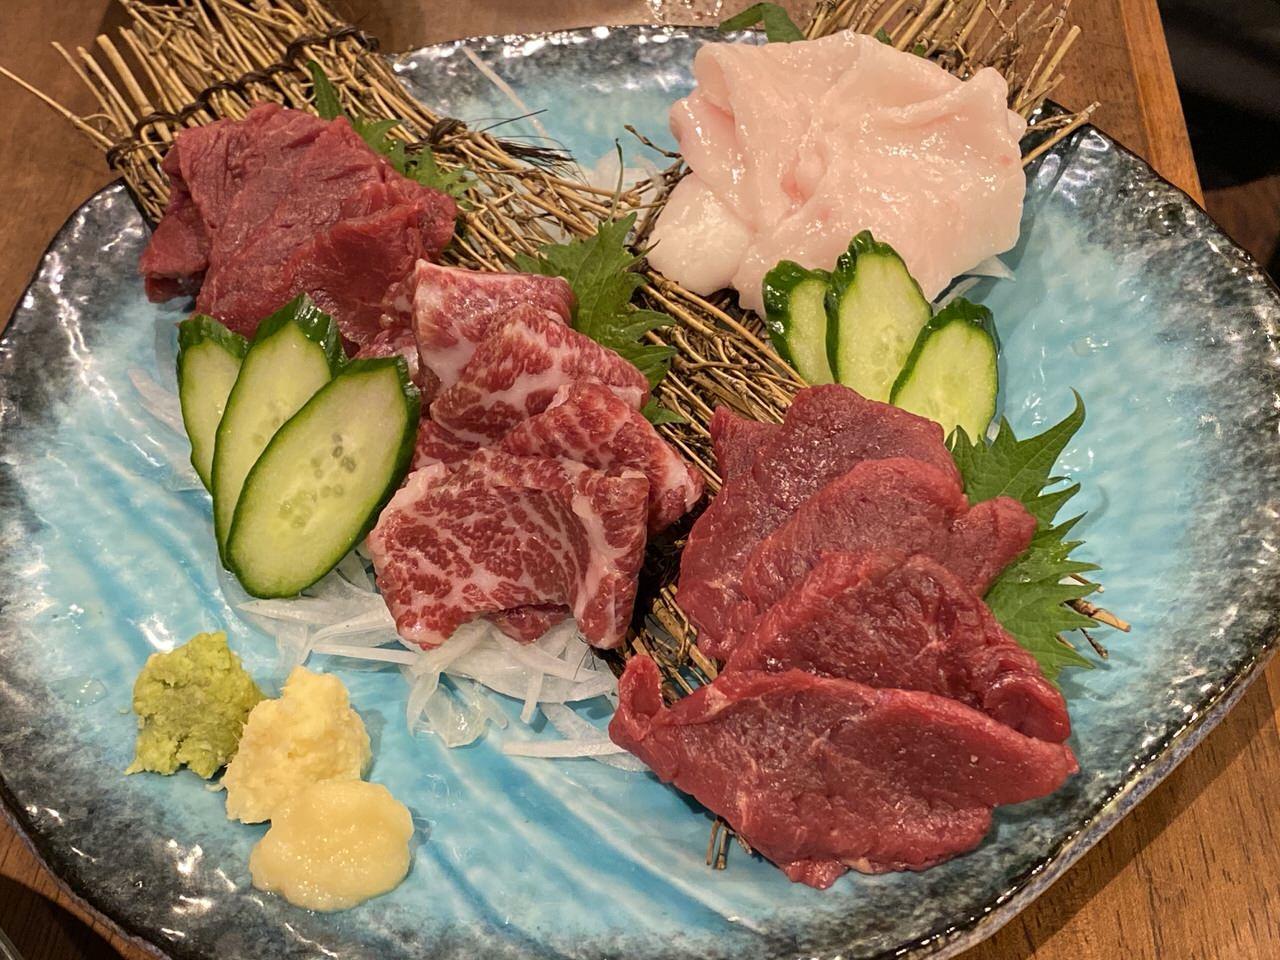 「秋葉原 肉寿司」11